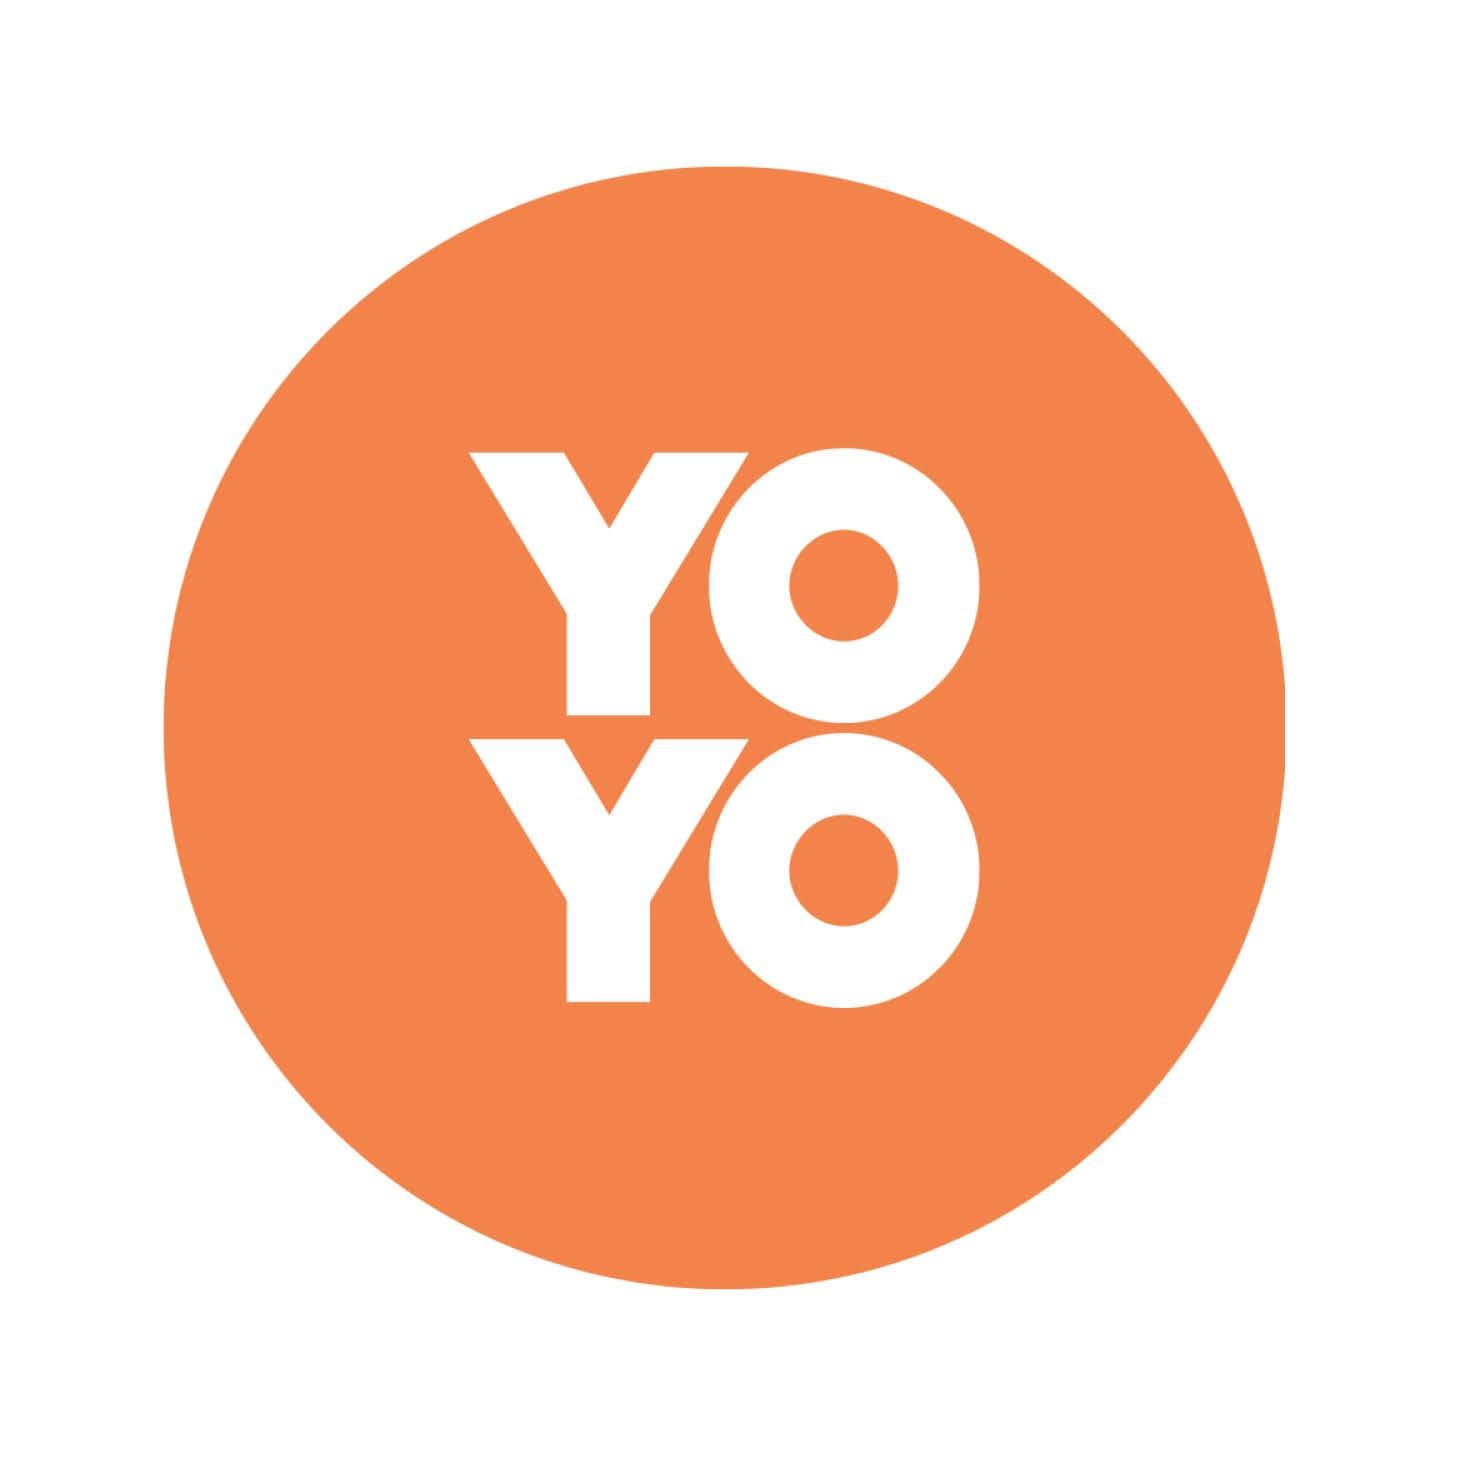 Yoyo Eco